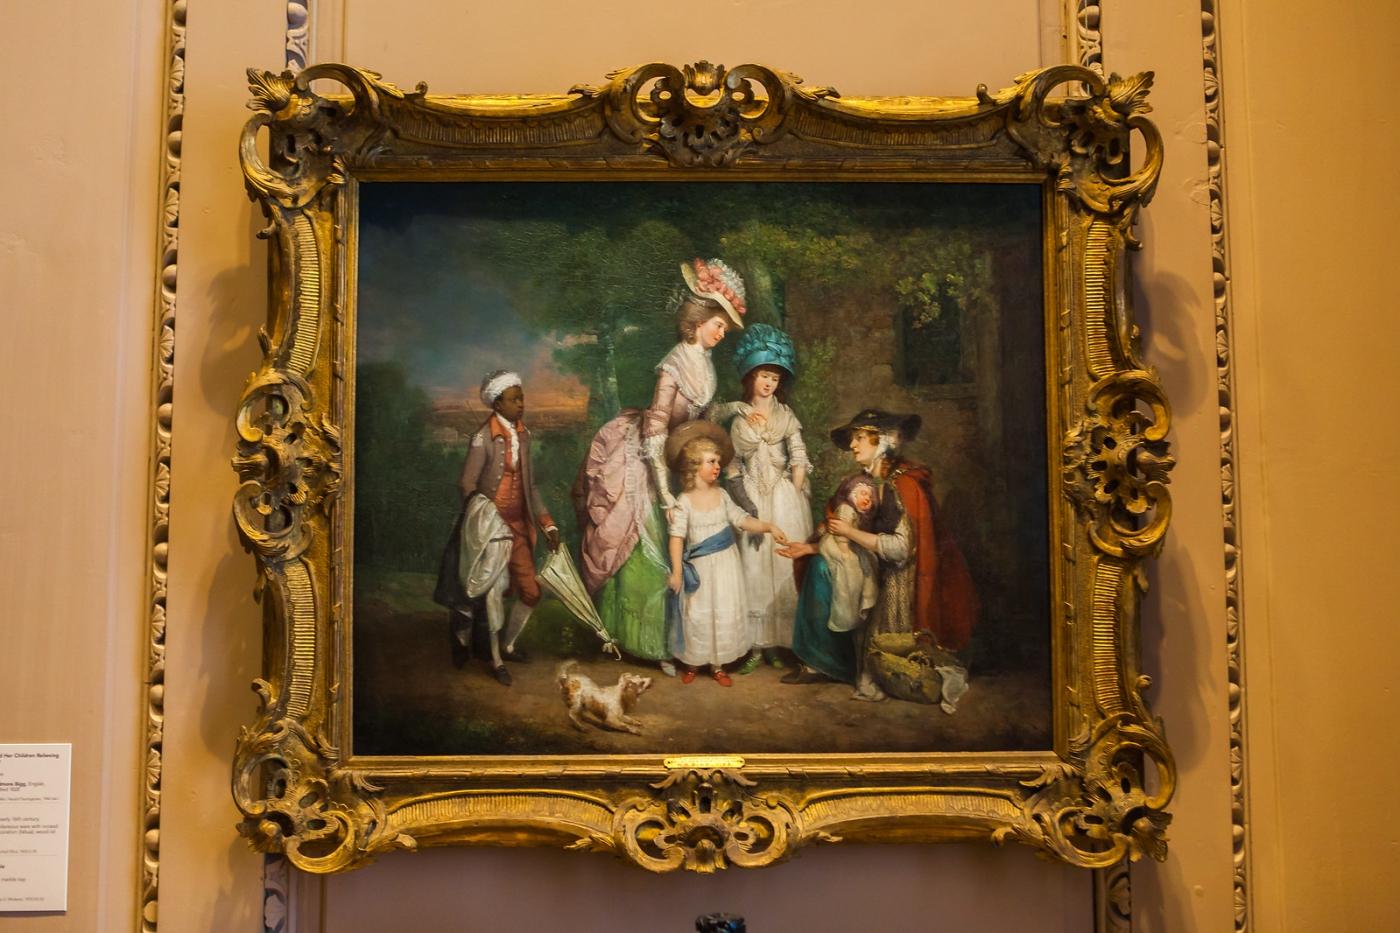 费城艺术馆,那些馆藏稀世油画_图1-12